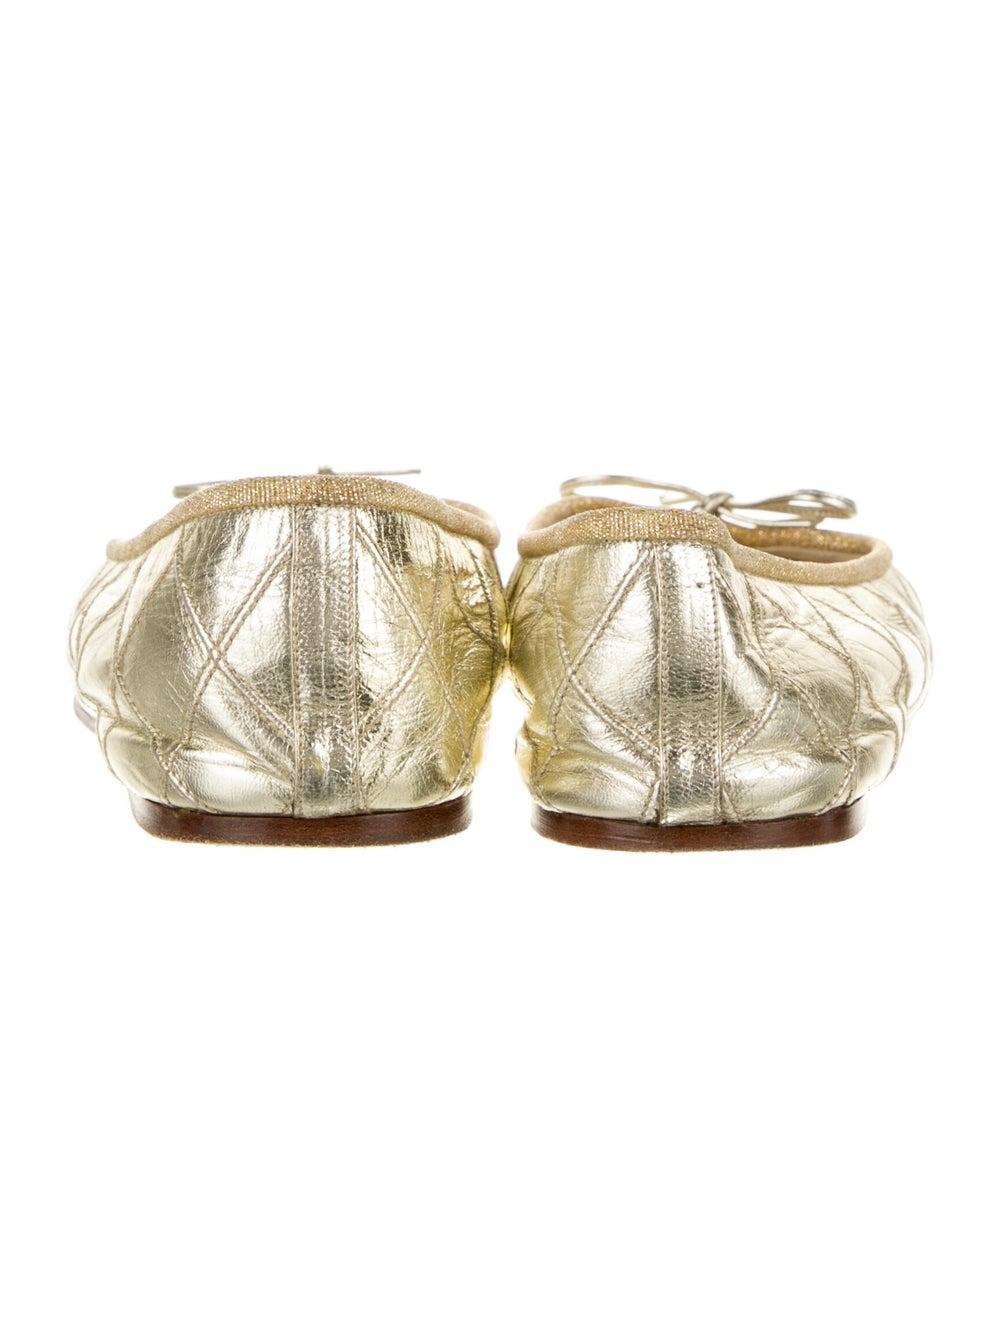 Chanel Vintage 1990's Ballet Flats Gold - image 4